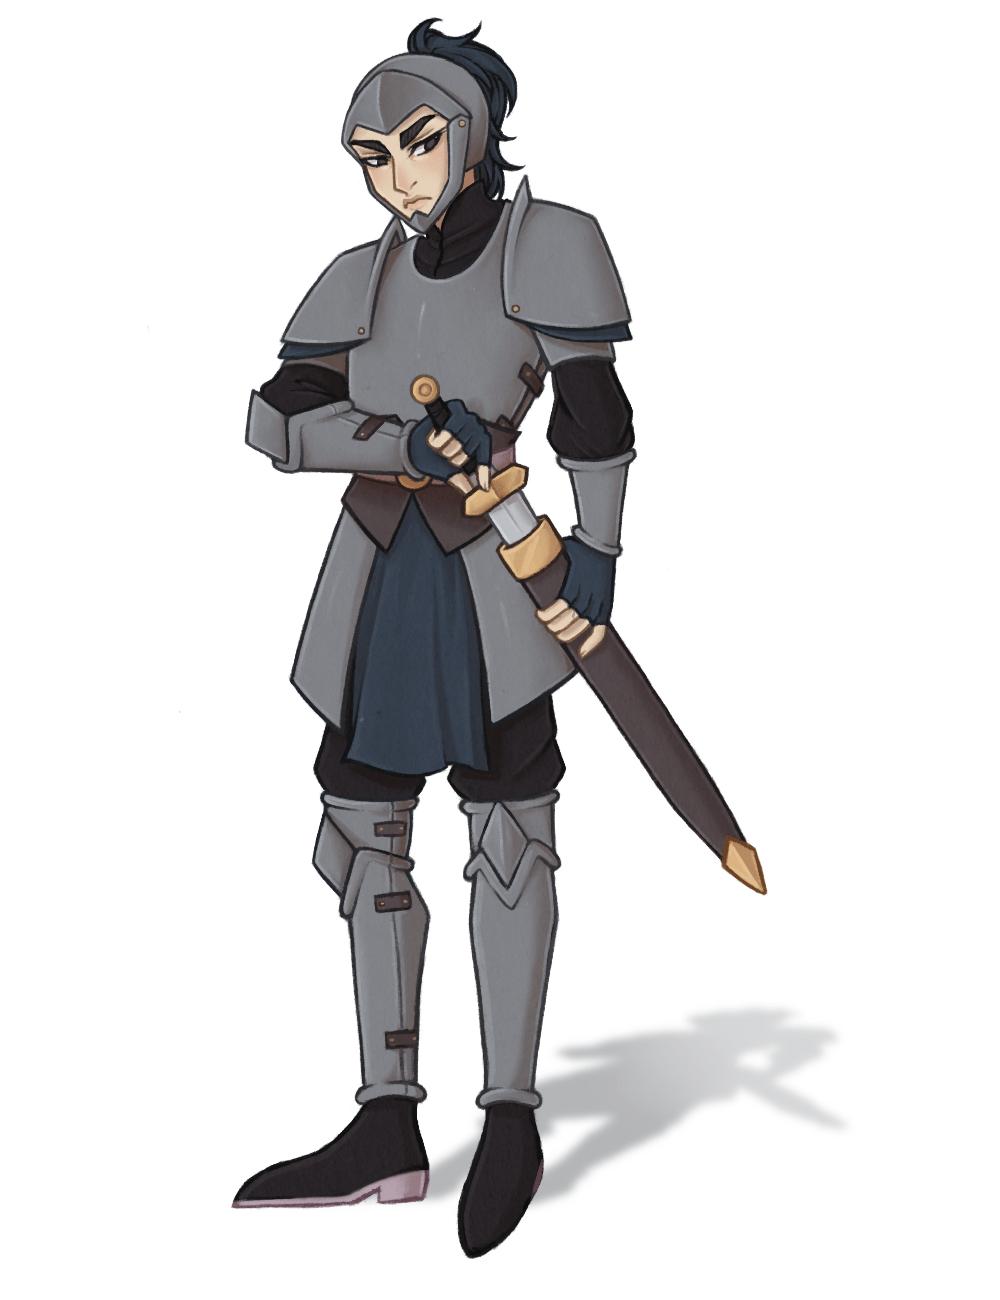 Medieval Fantasy: Knight